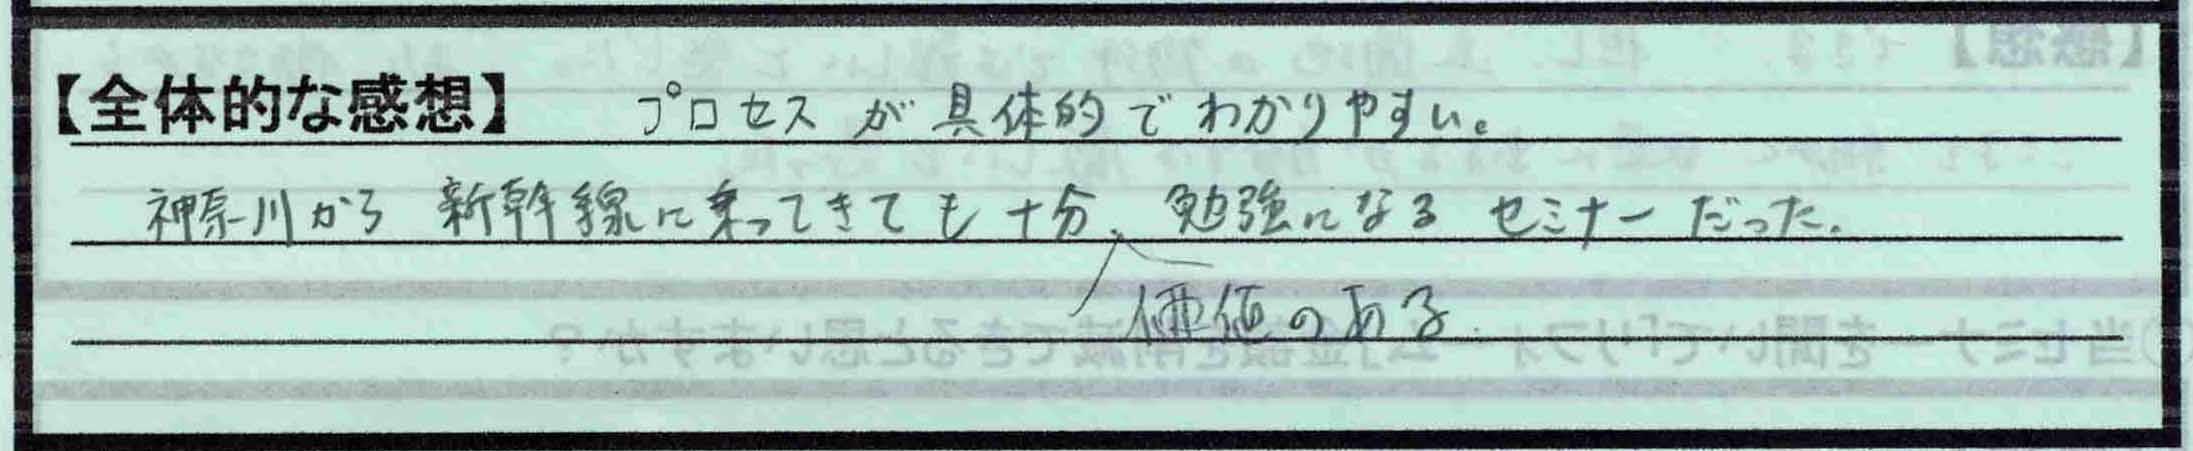 神奈川県小原洋一さん